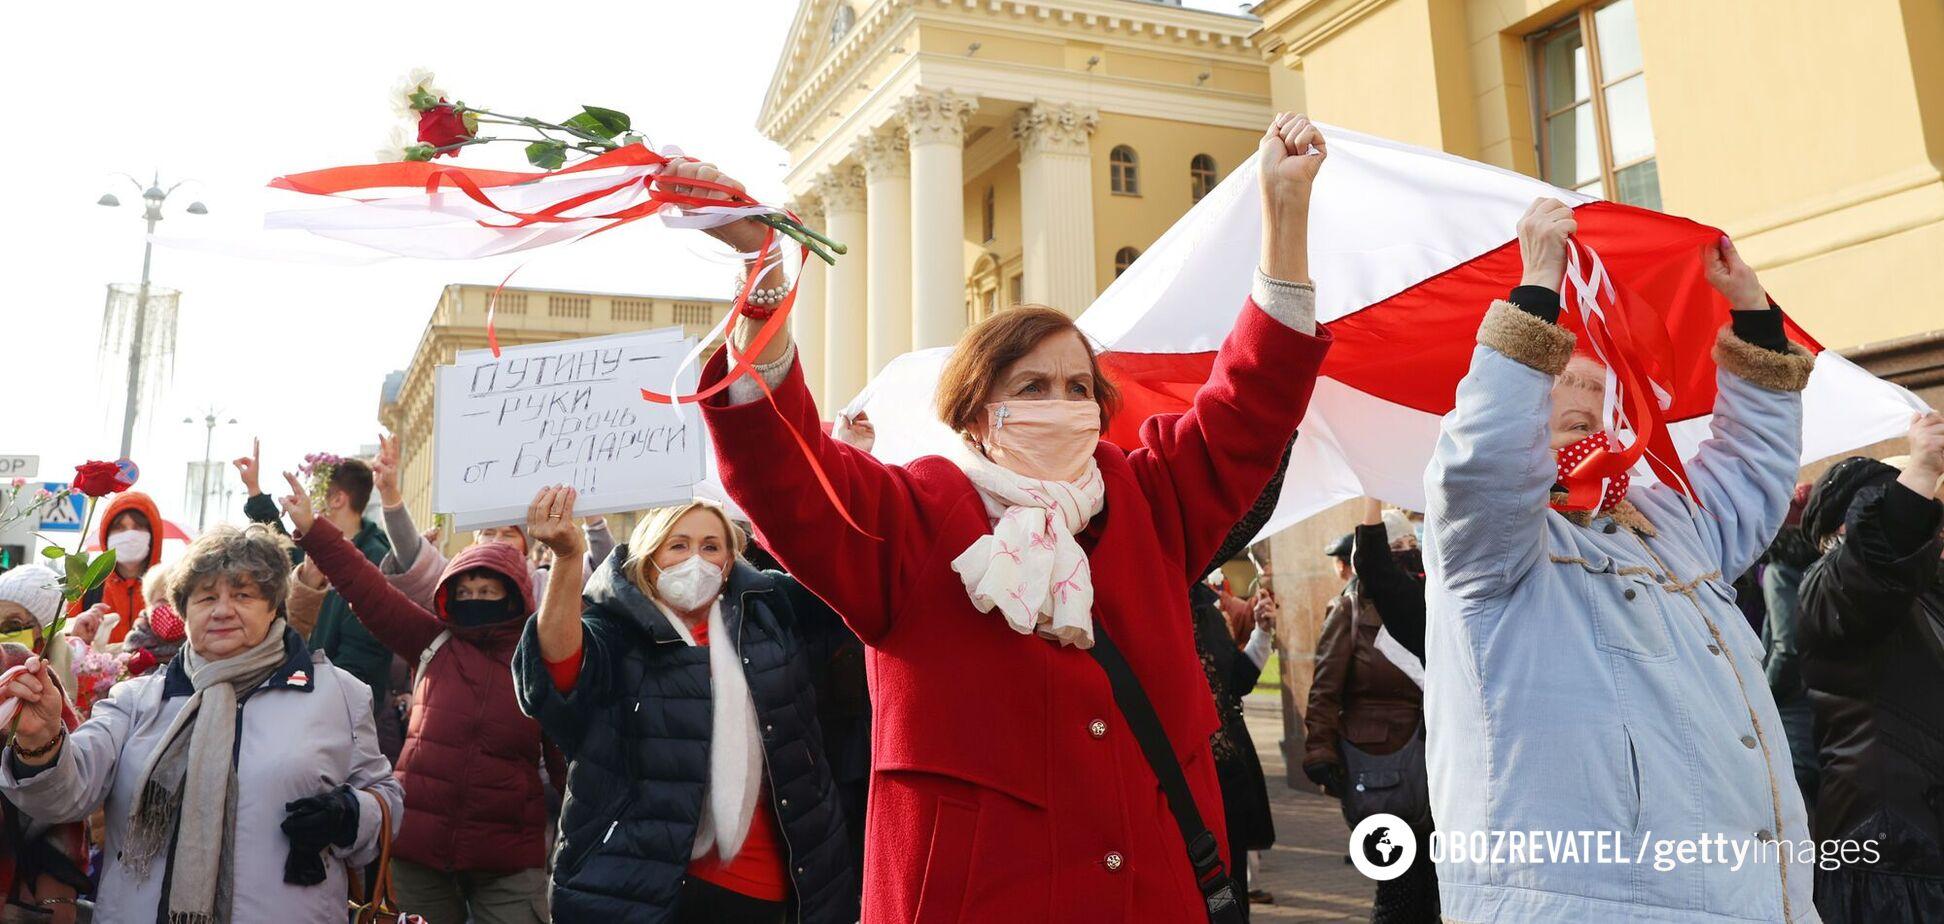 Протесты в Беларуси переходят в ежедневный режим, забастовка будет массовой, – оппозиционер